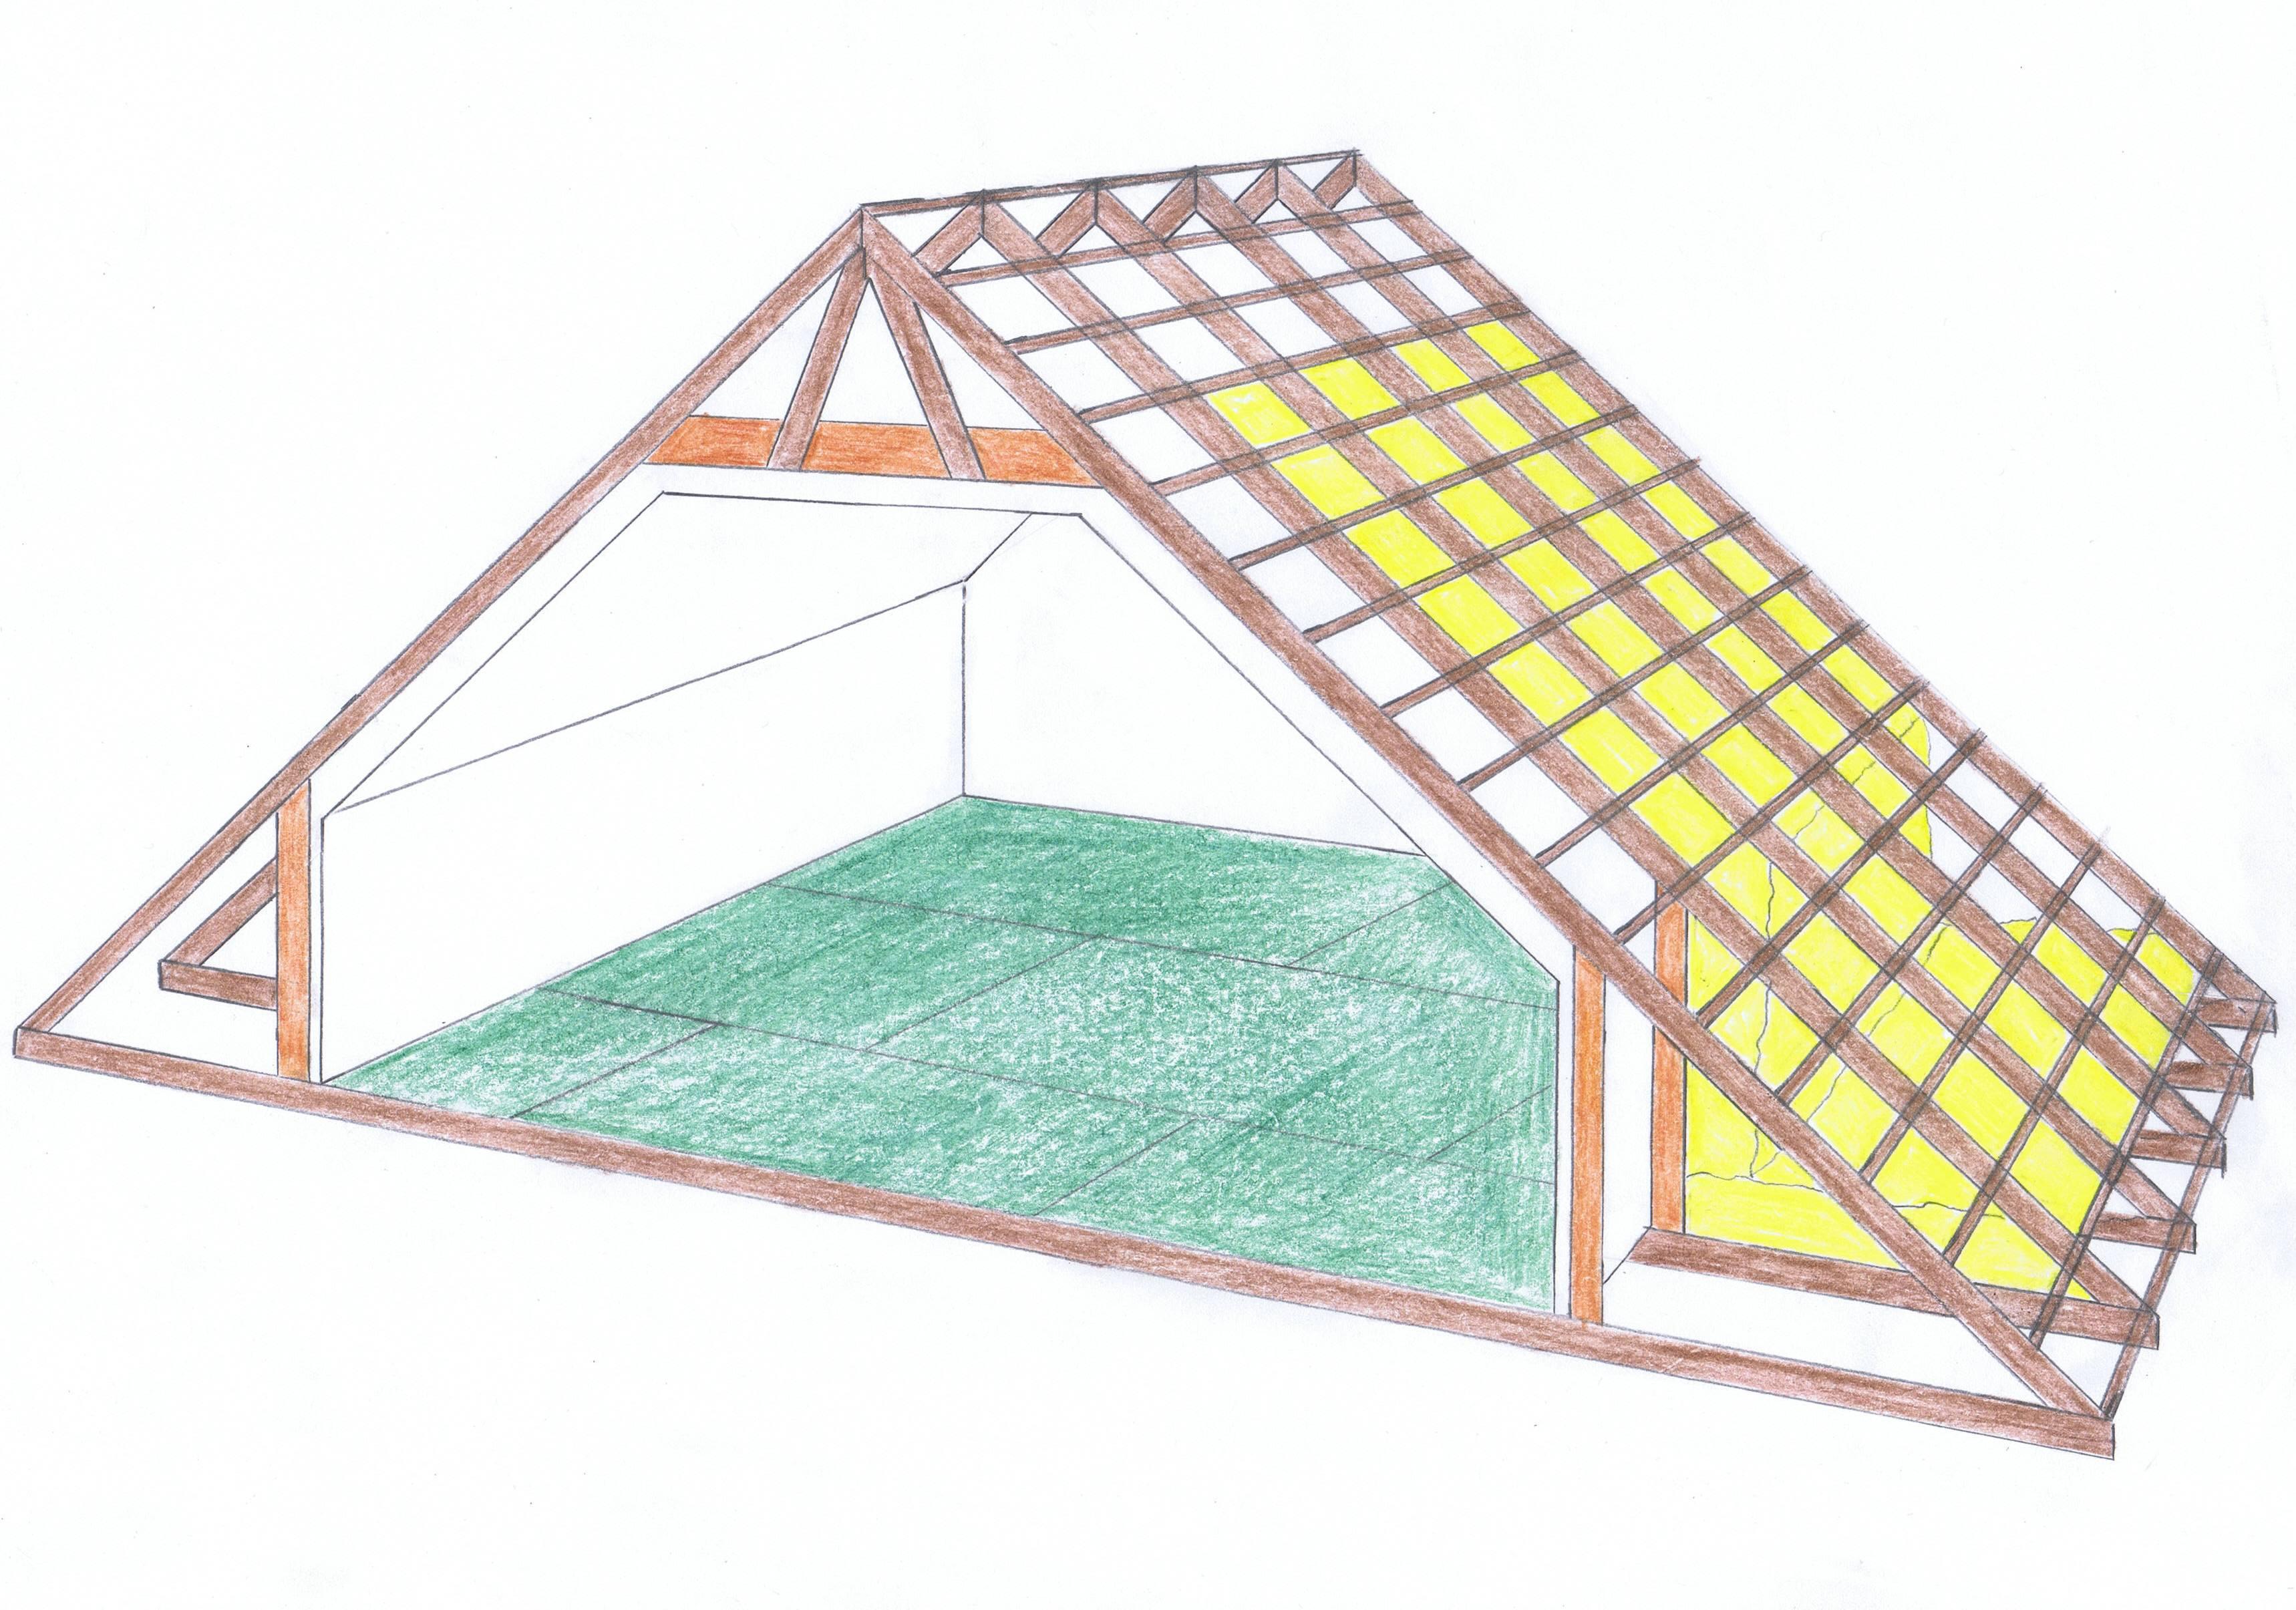 isolation combles panneau ouate de cellulose drancy boulogne billancourt toulouse prix. Black Bedroom Furniture Sets. Home Design Ideas